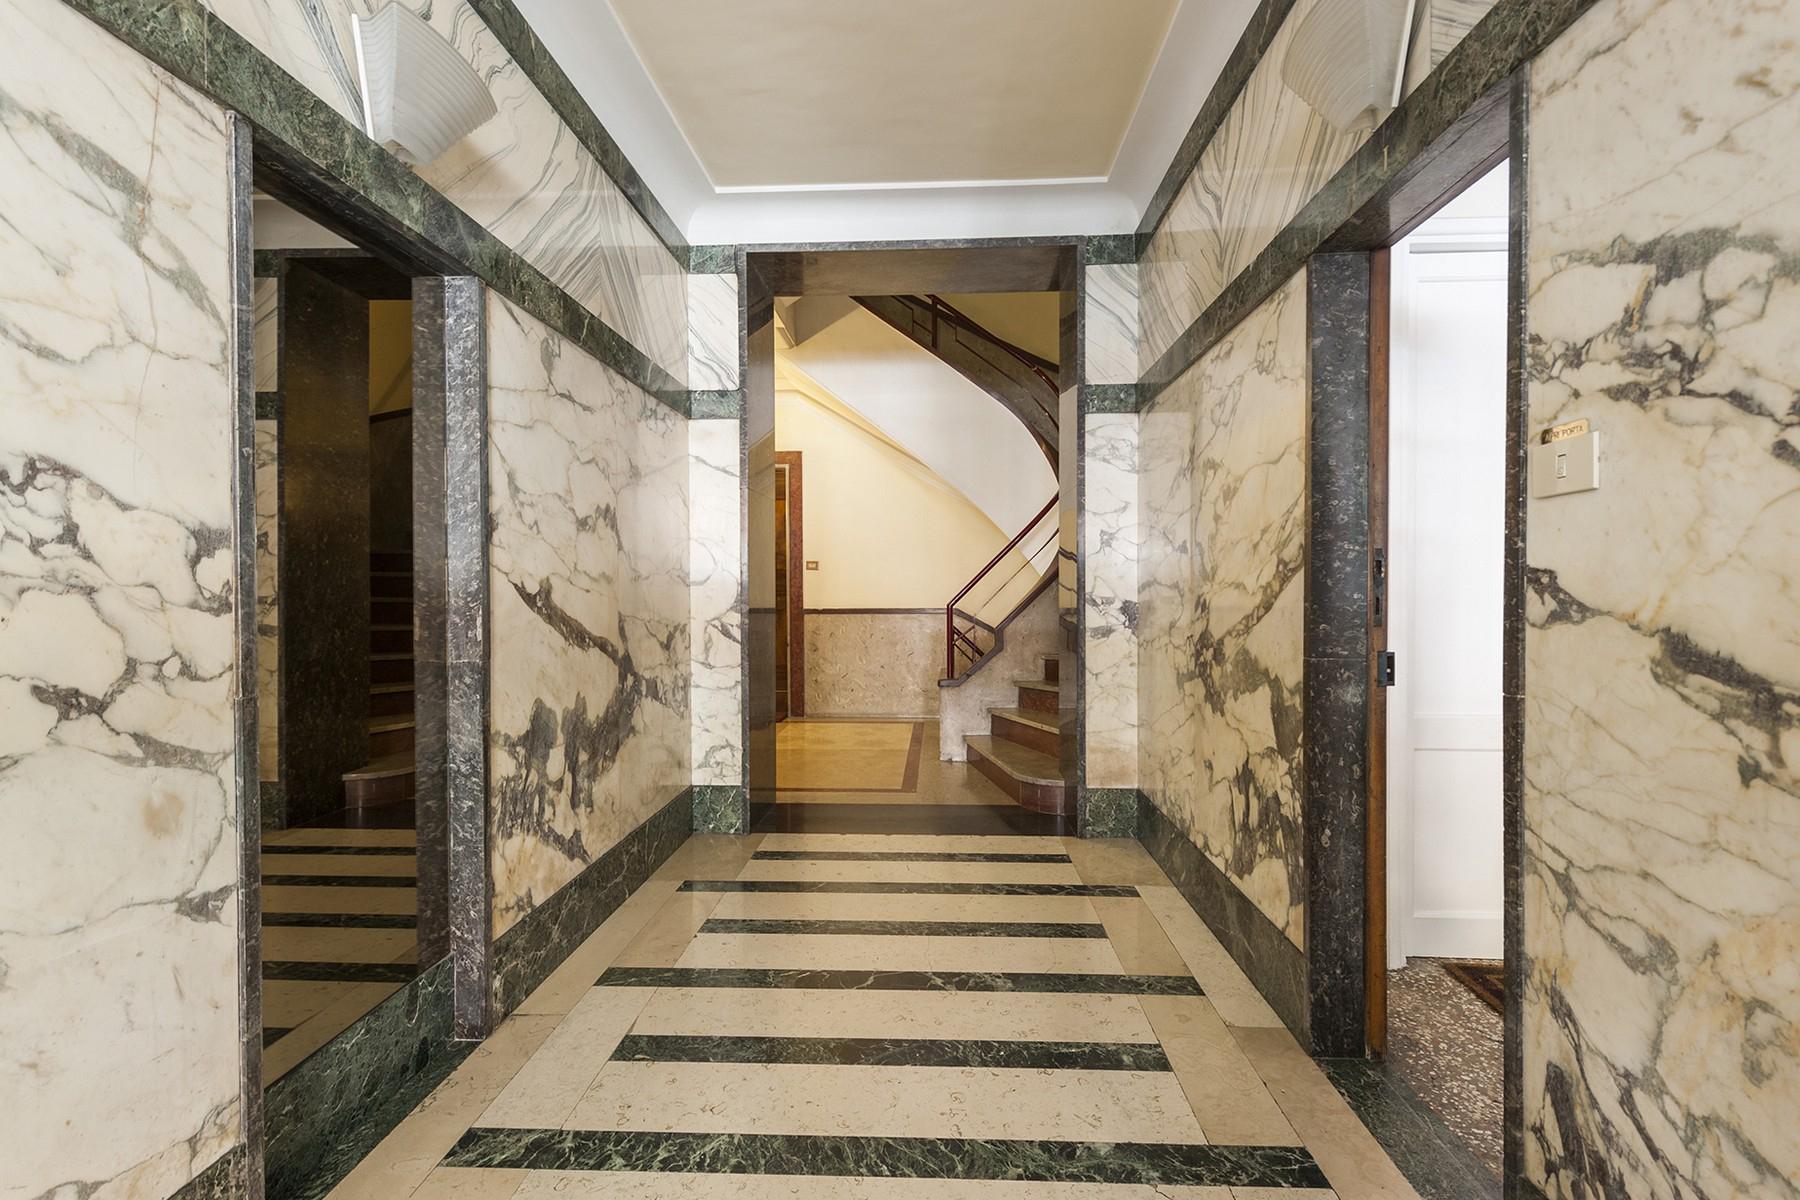 Appartamento di lusso in affitto a roma via angelo secchi for Studio affitto roma